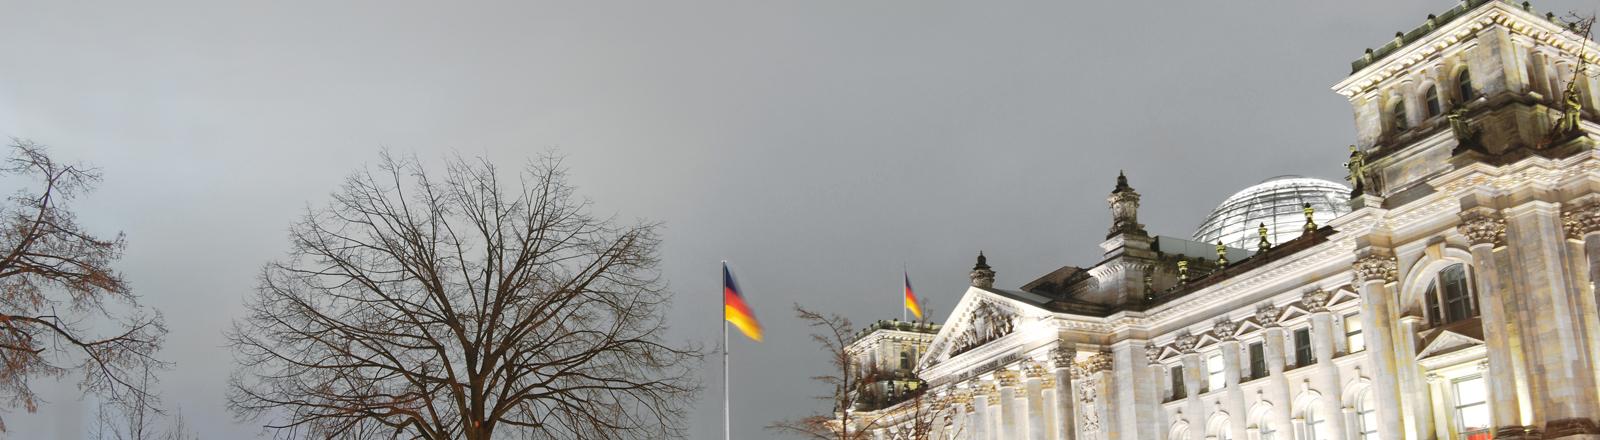 Der deutsche Bundestag im grauen Herbstwetter